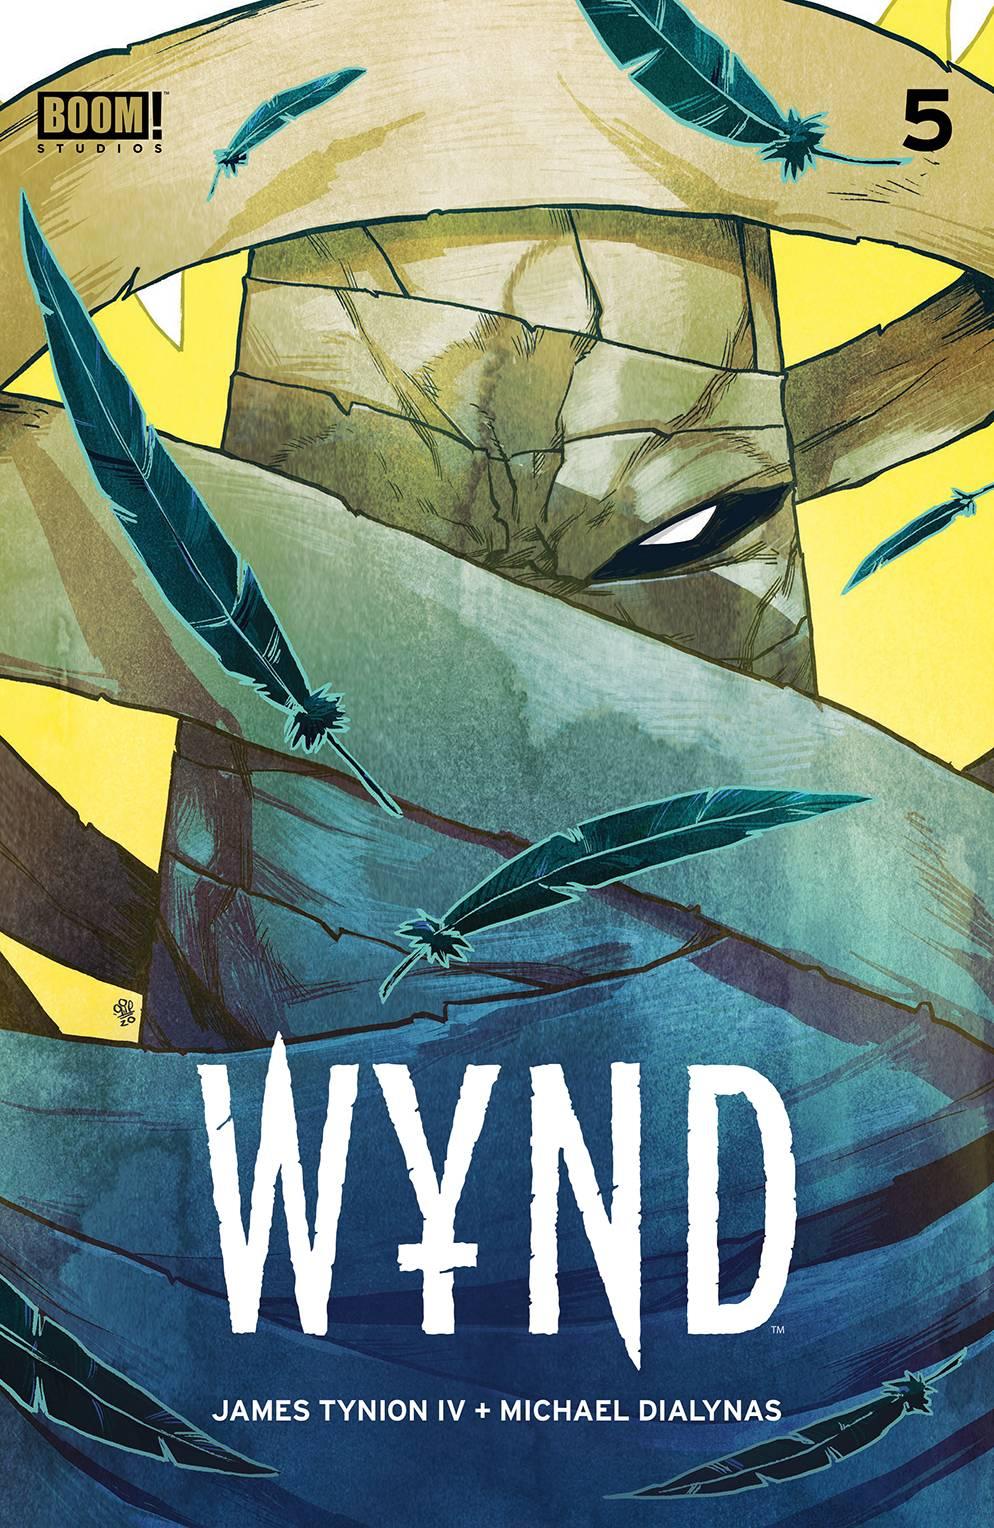 WYND #5 (2020)